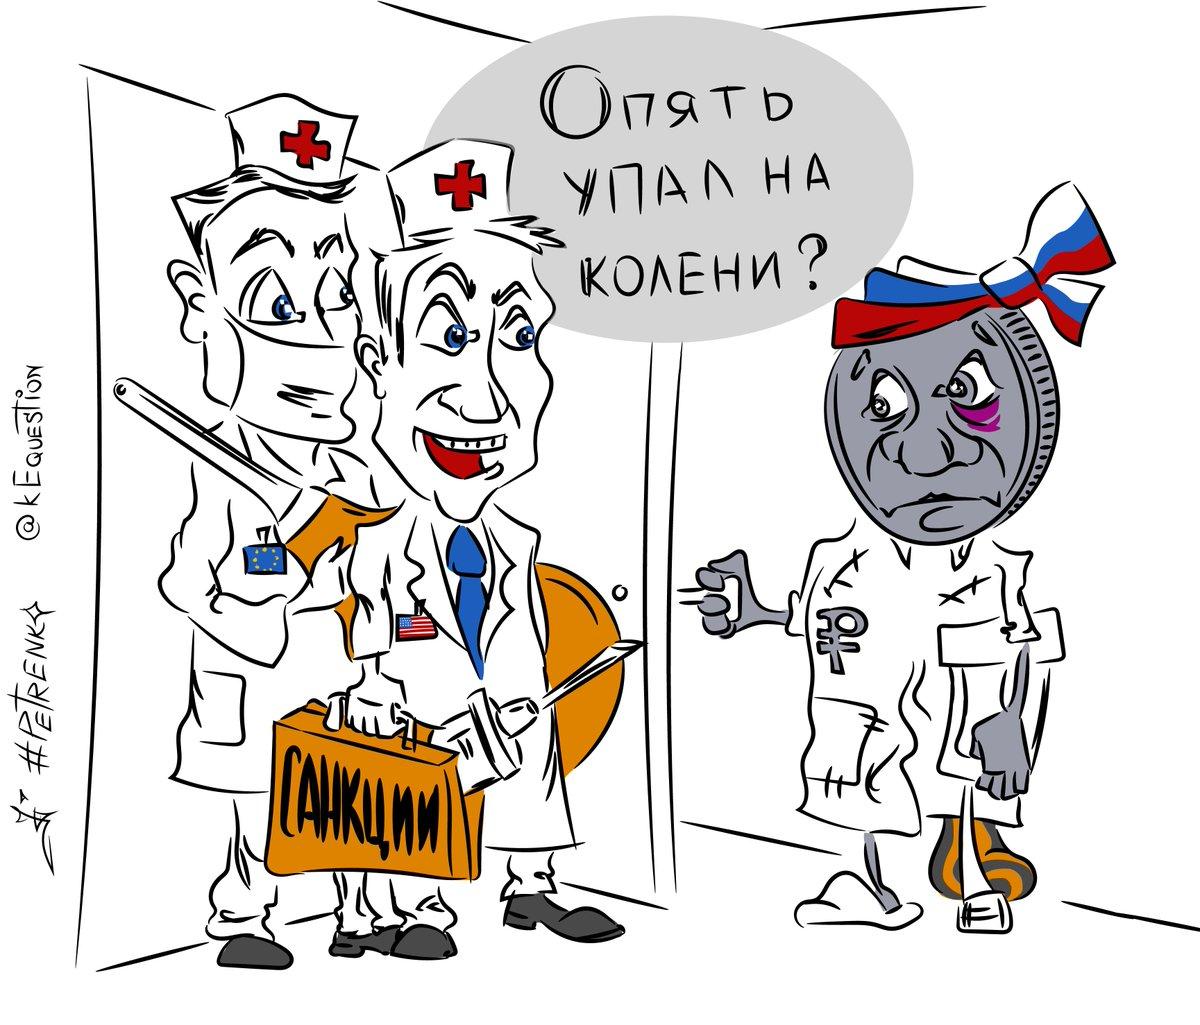 Москва приступила к проработке ответных санкций против США, - МИД РФ - Цензор.НЕТ 2100